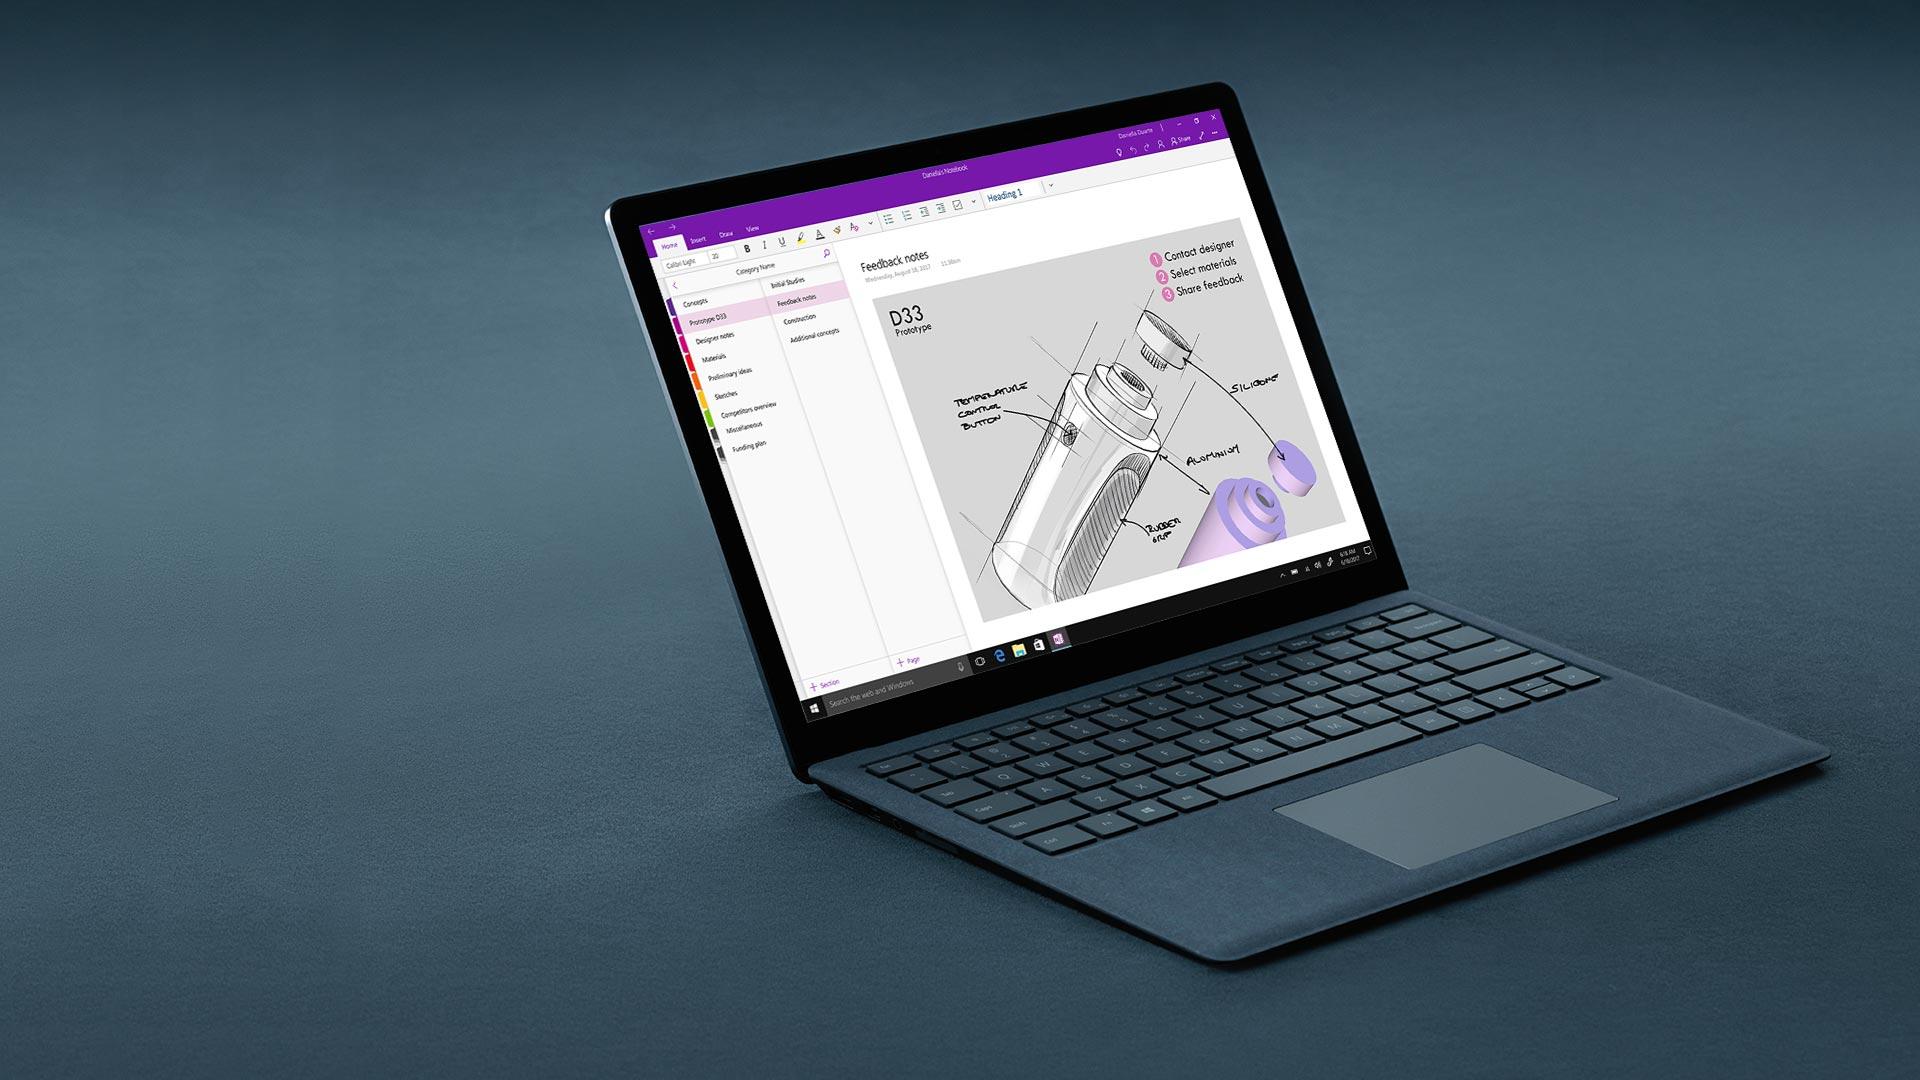 鈷藍色 Surface Laptop 顯示 One Note 畫面。